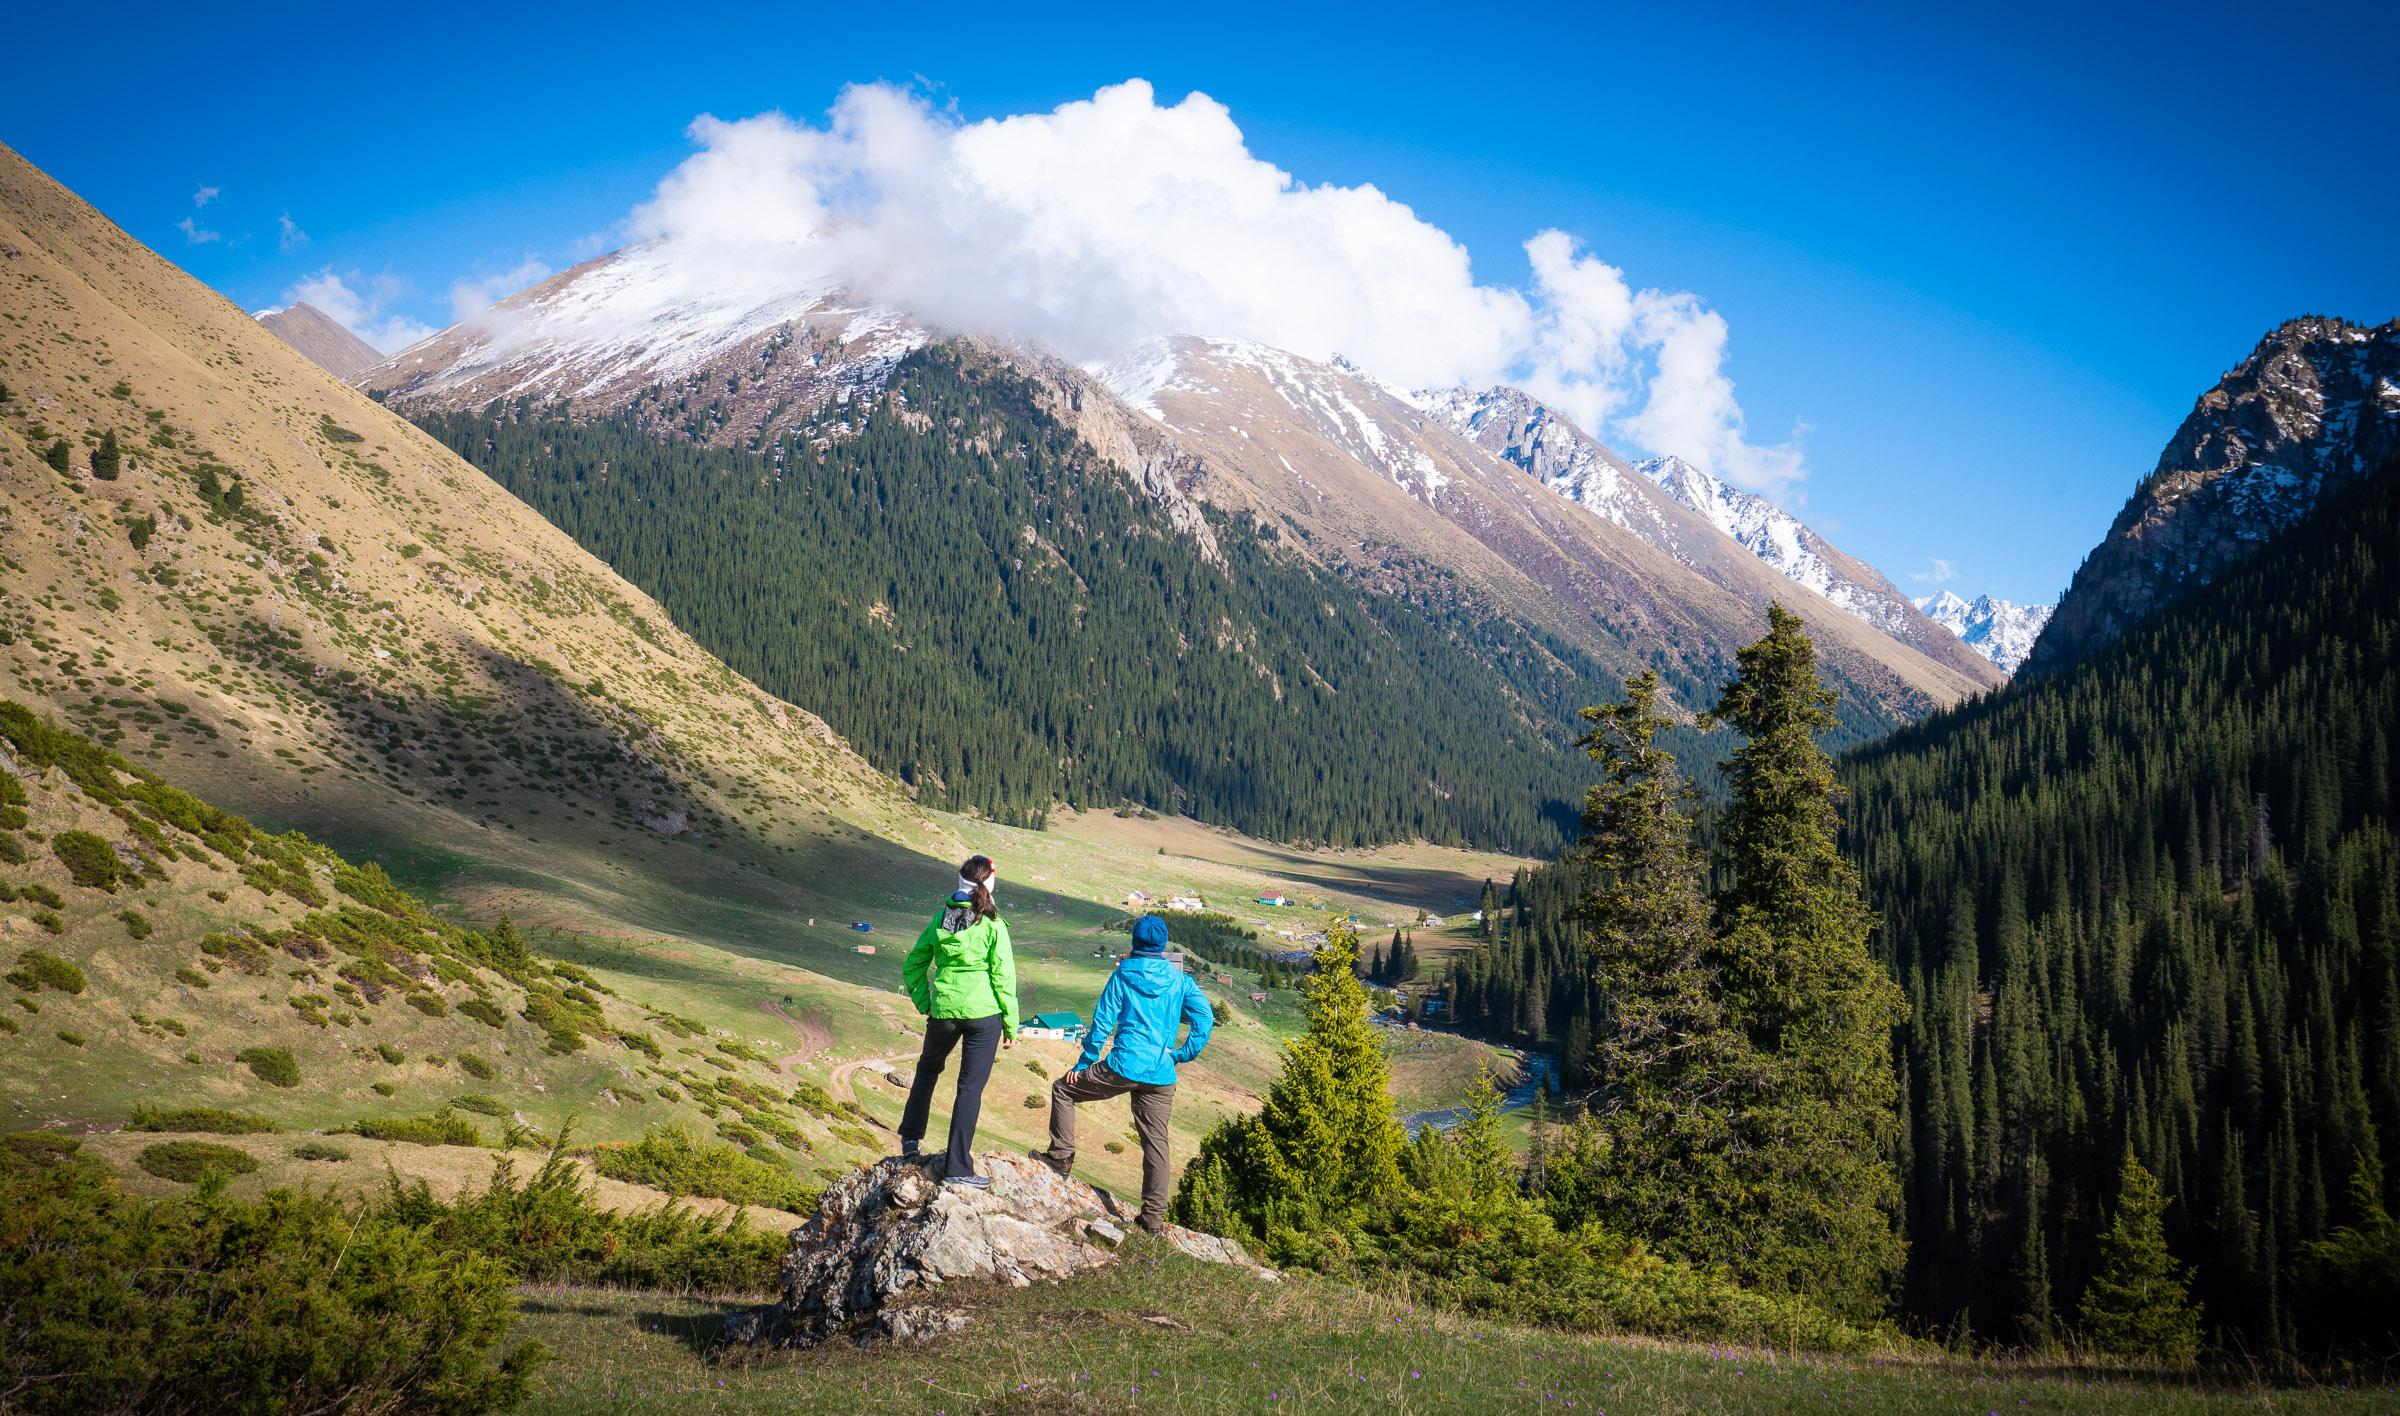 Beste-reisemål-2019-18-anbefalinger-ukjente-vakre-destinasjoner